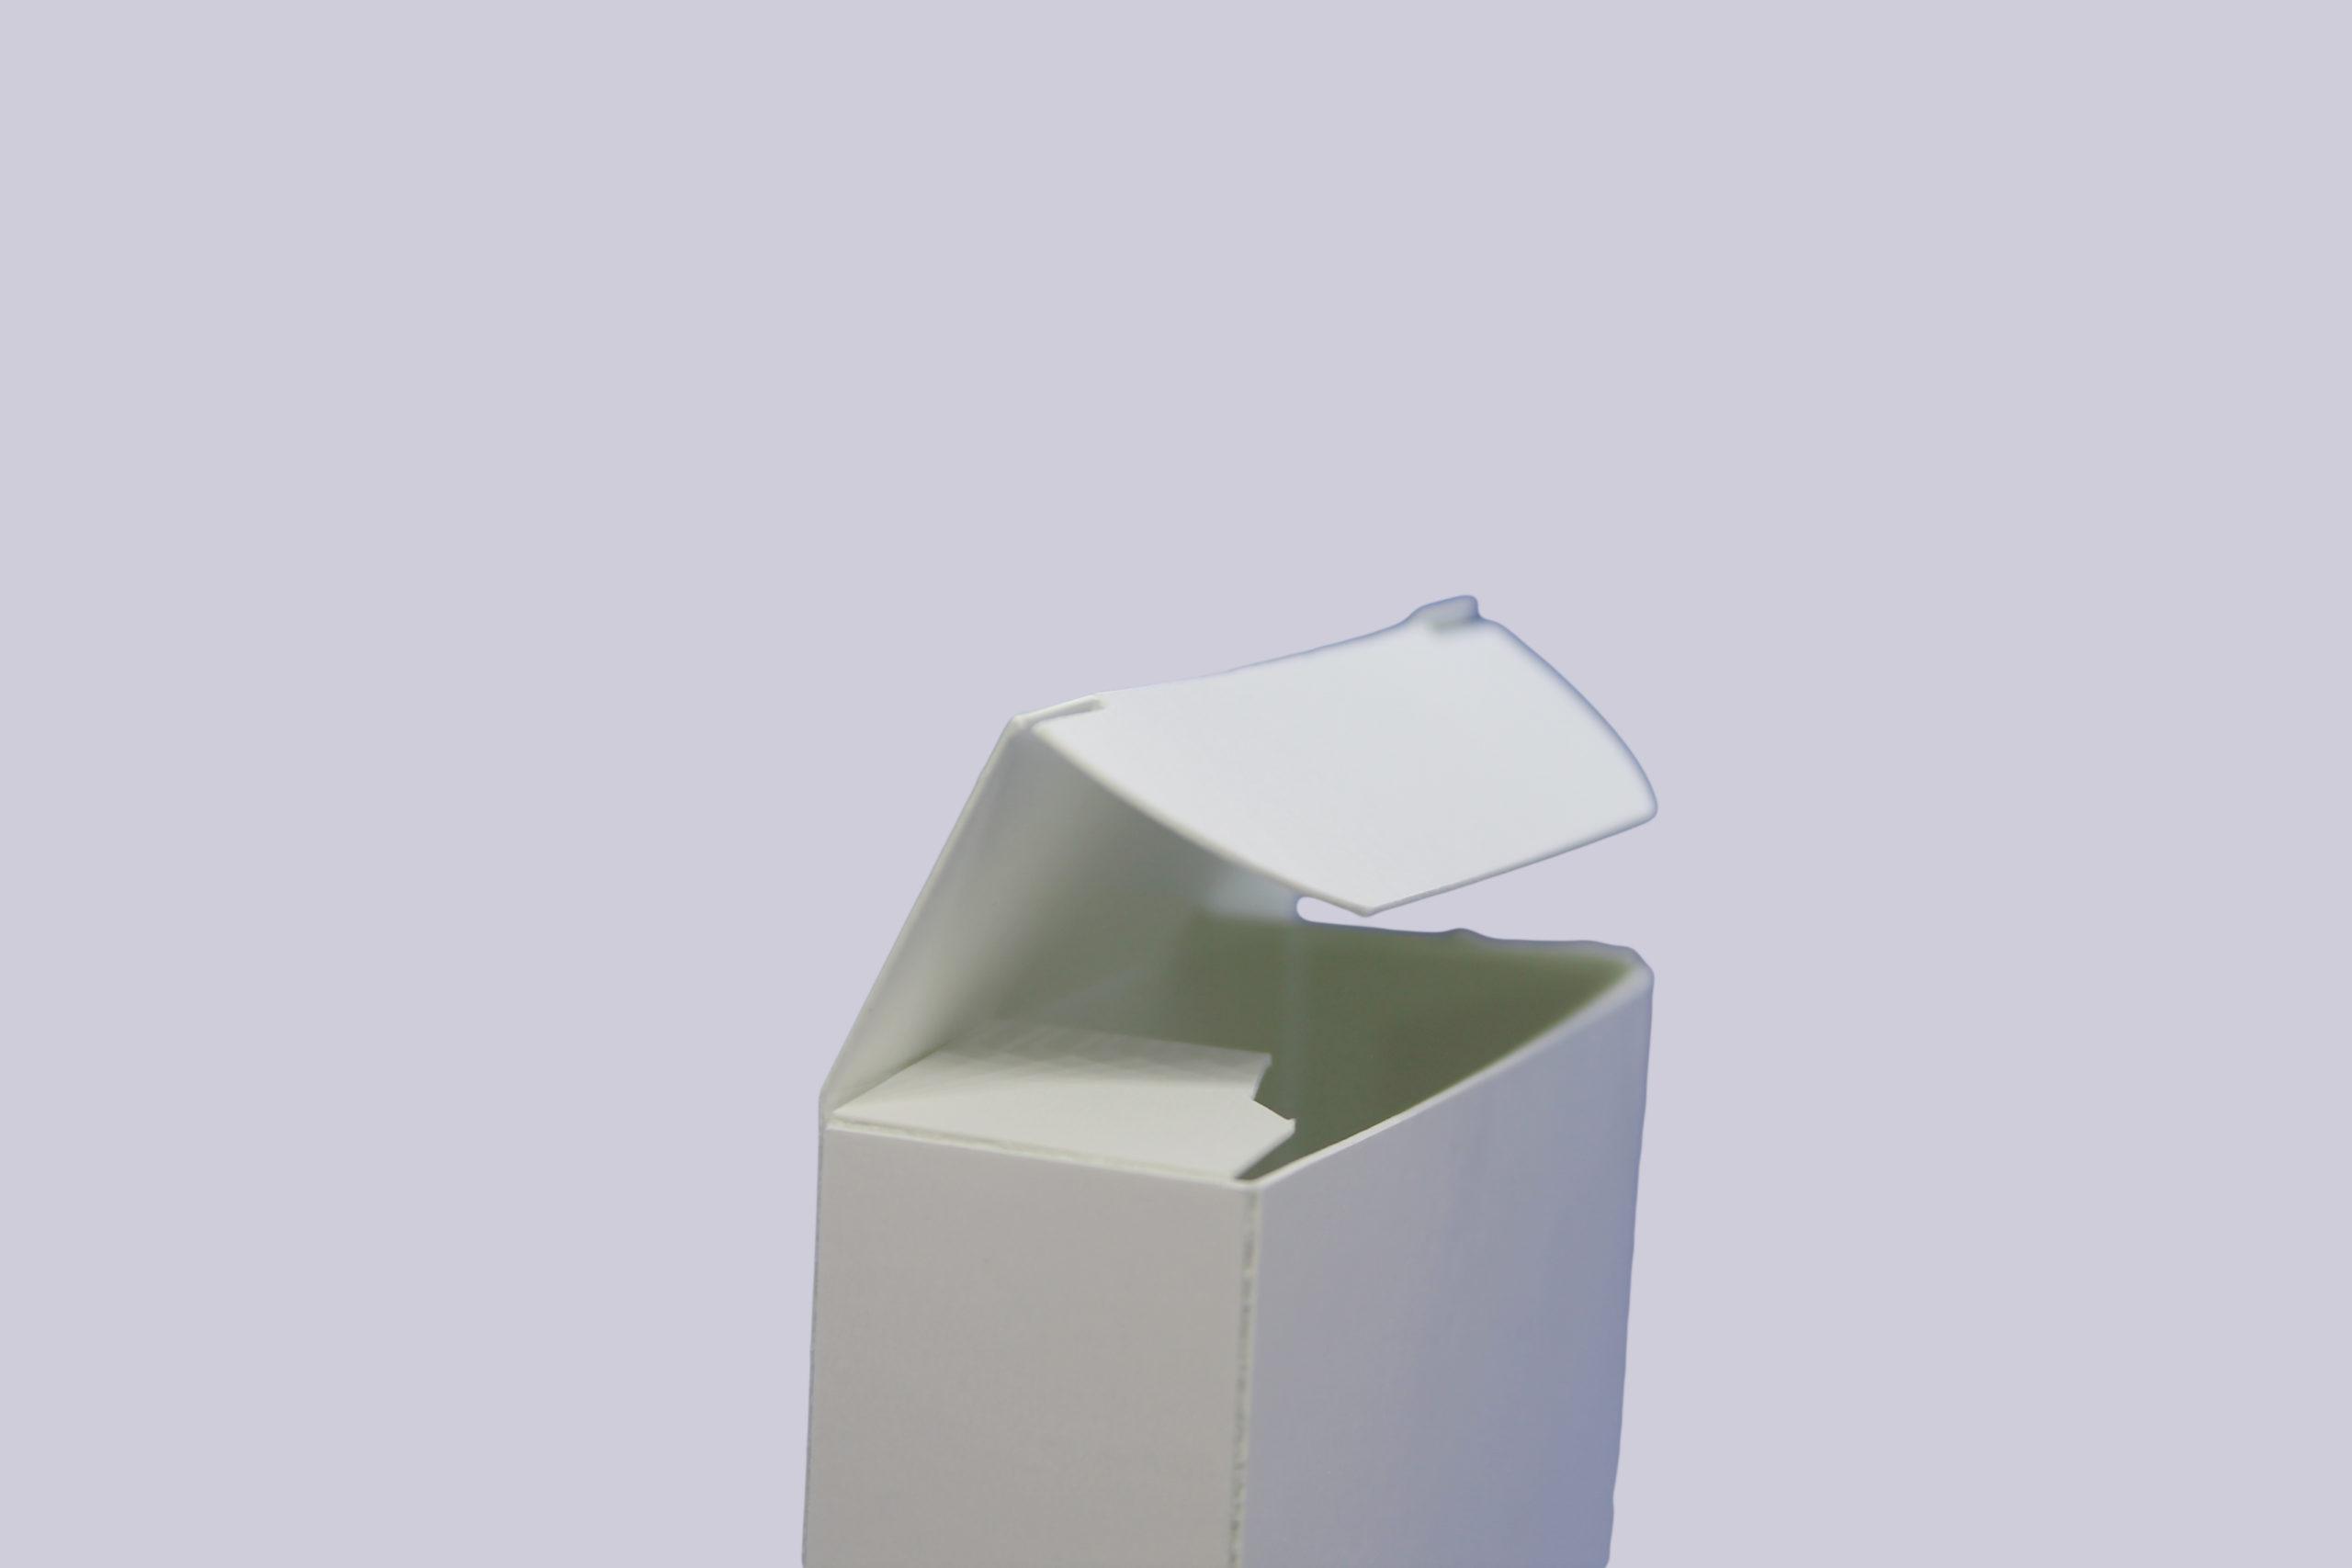 Faltschachteln mit Einstecklaschen - Ansicht des Deckels